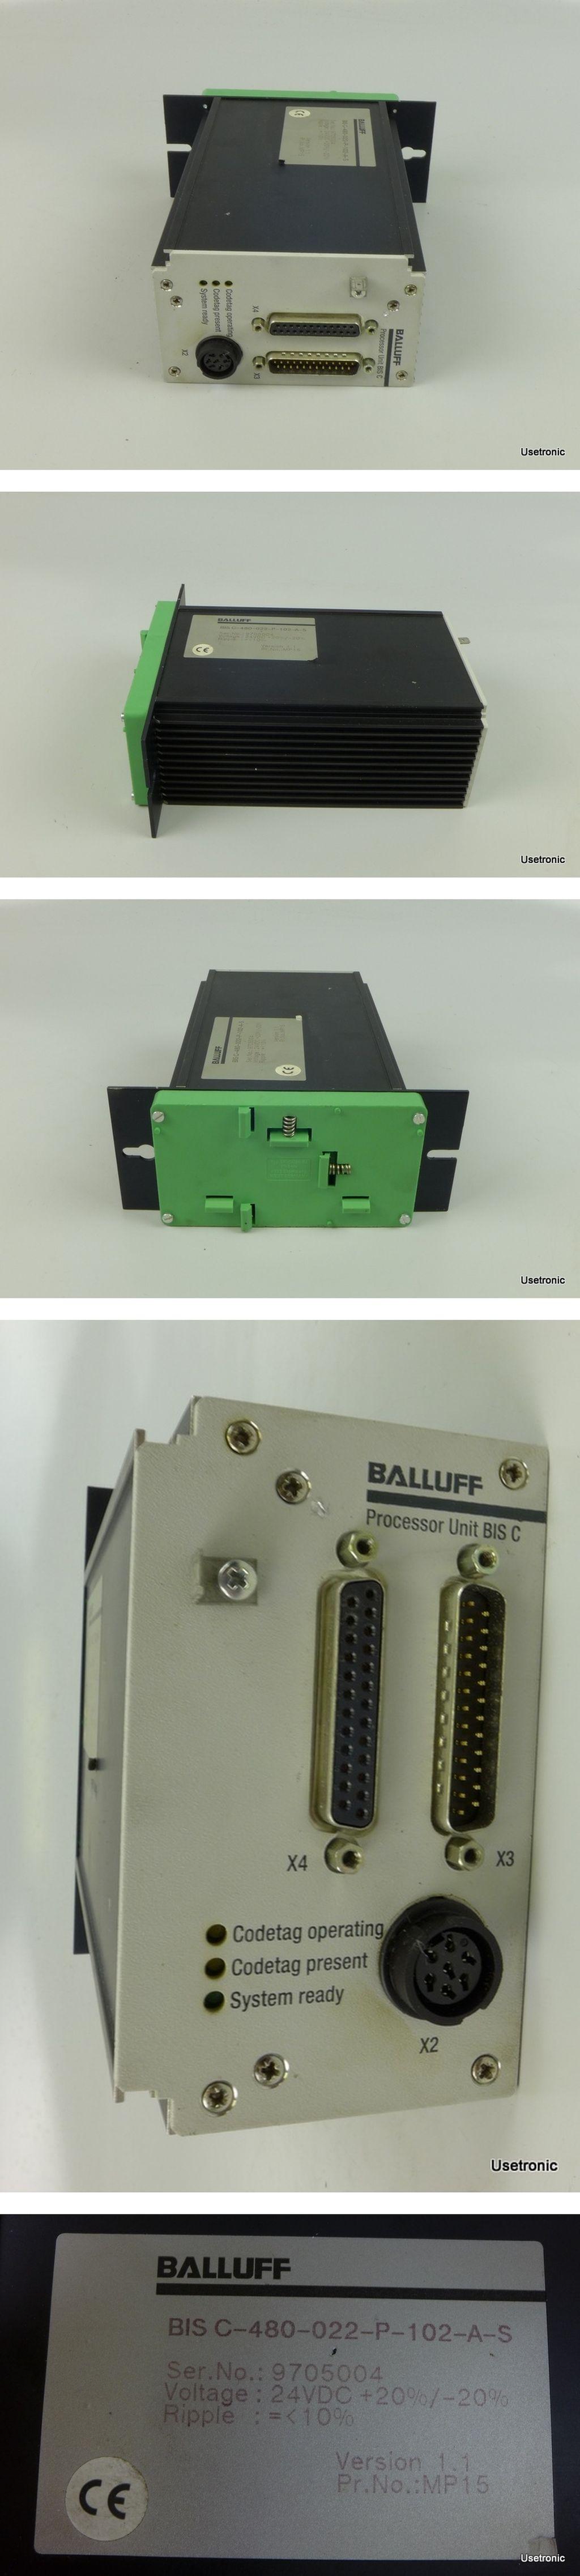 Balluff BIS C 480 022